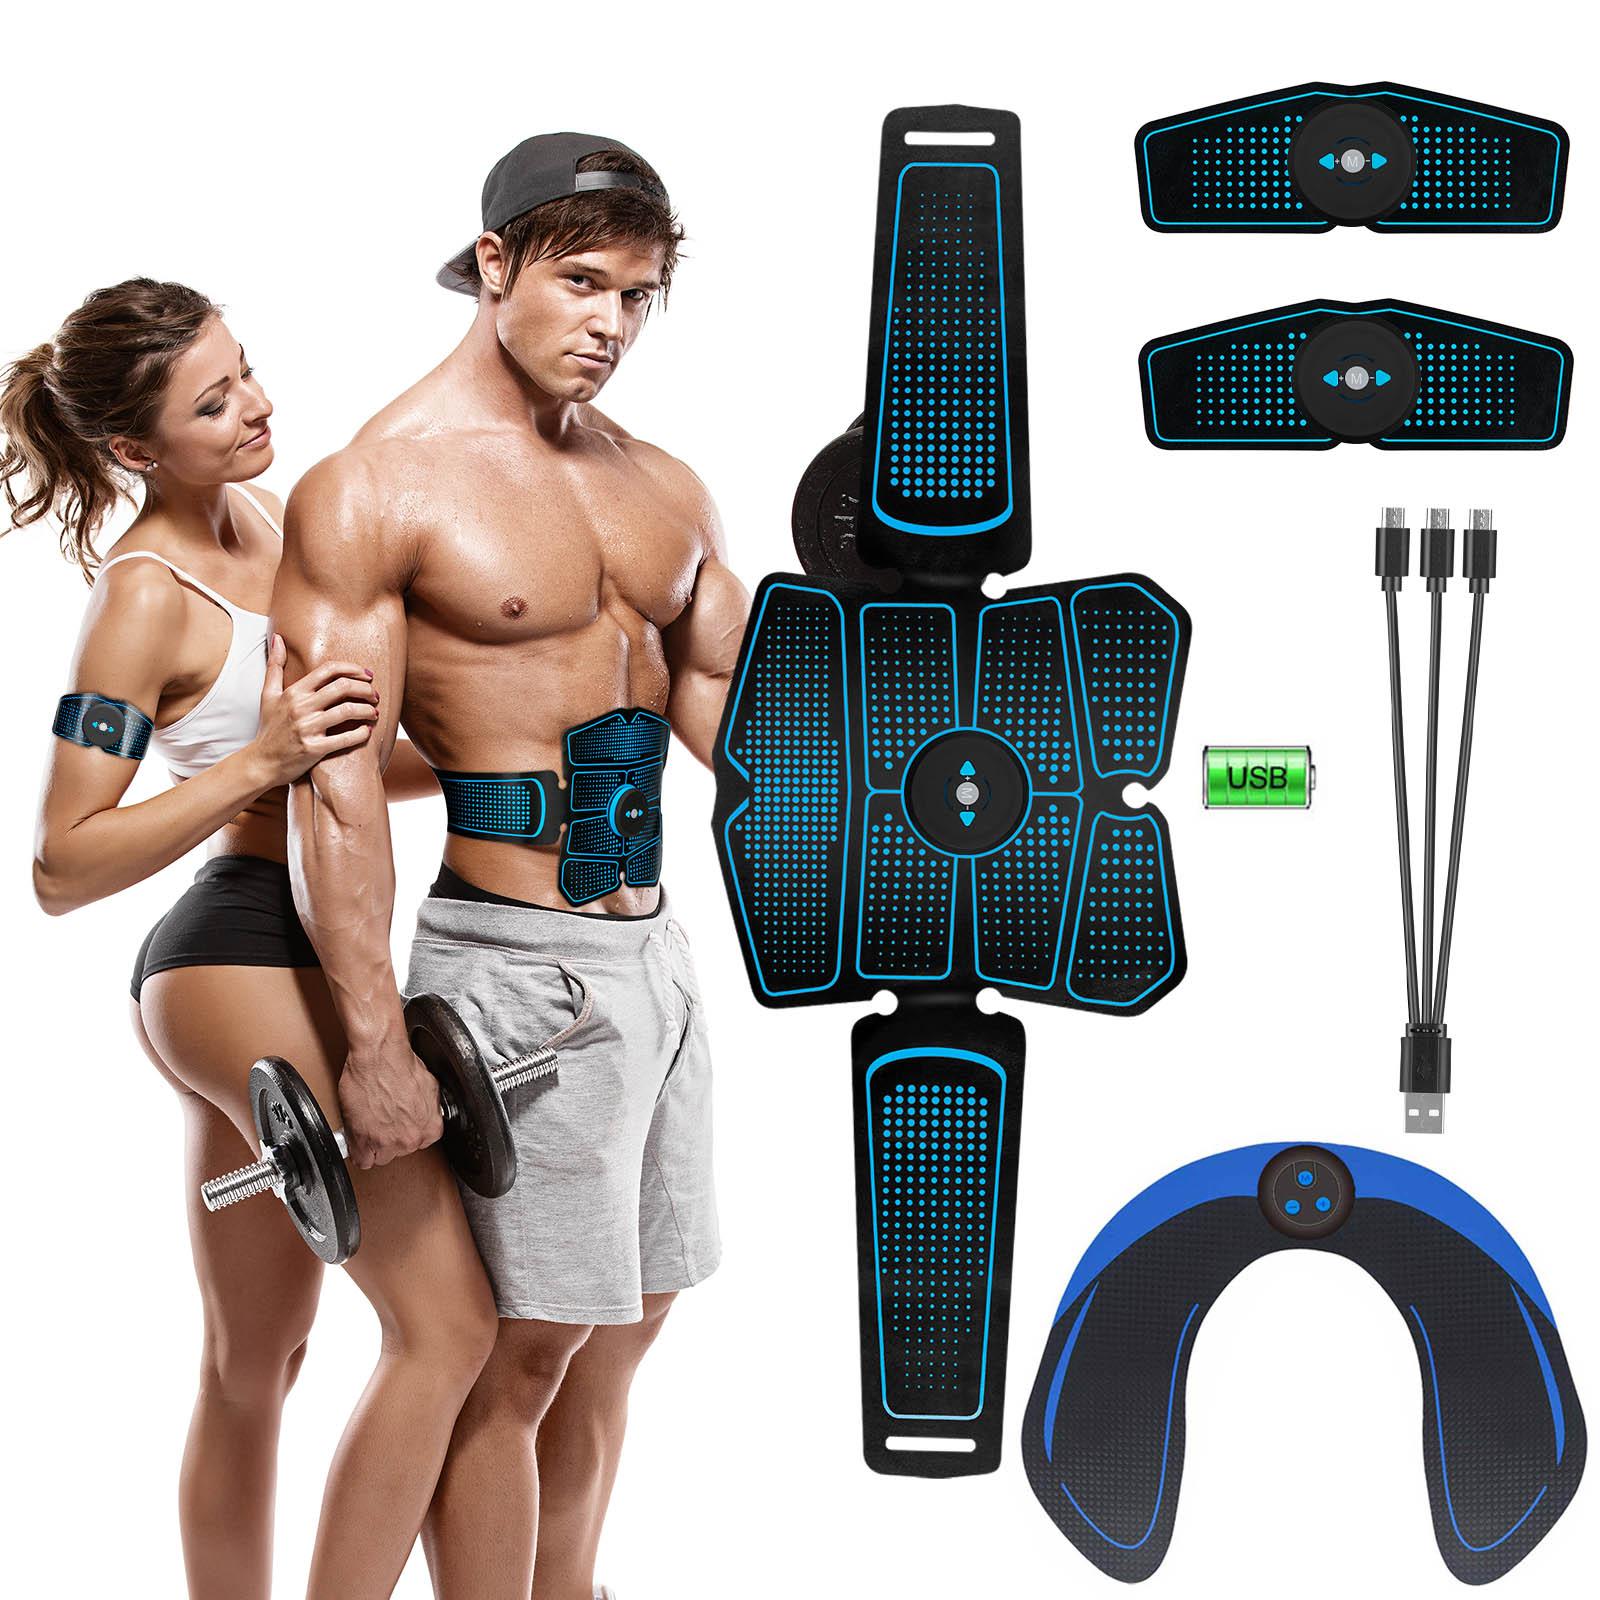 entrenador-de-cintura-profesional-ems-estimulador-muscular-para-hombres-y-mujeres-entrenador-de-abs-toner-muscular-abdominal-correas-de-tonificacion-electronicas